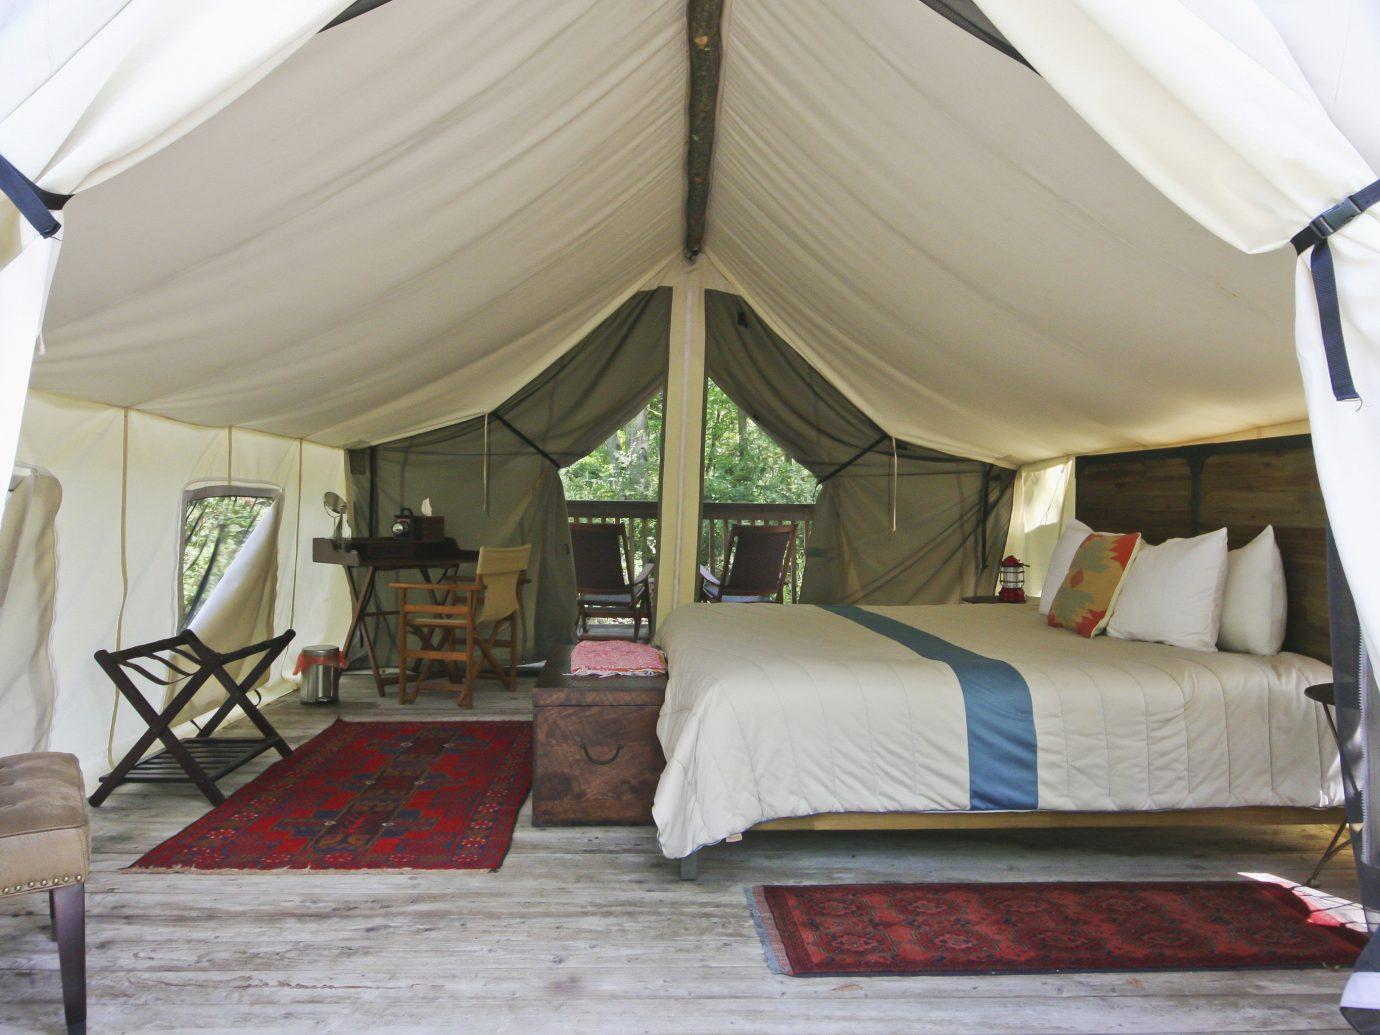 Glamping Outdoors + Adventure Weekend Getaways indoor floor tent room Bedroom camp estate outdoor object furniture